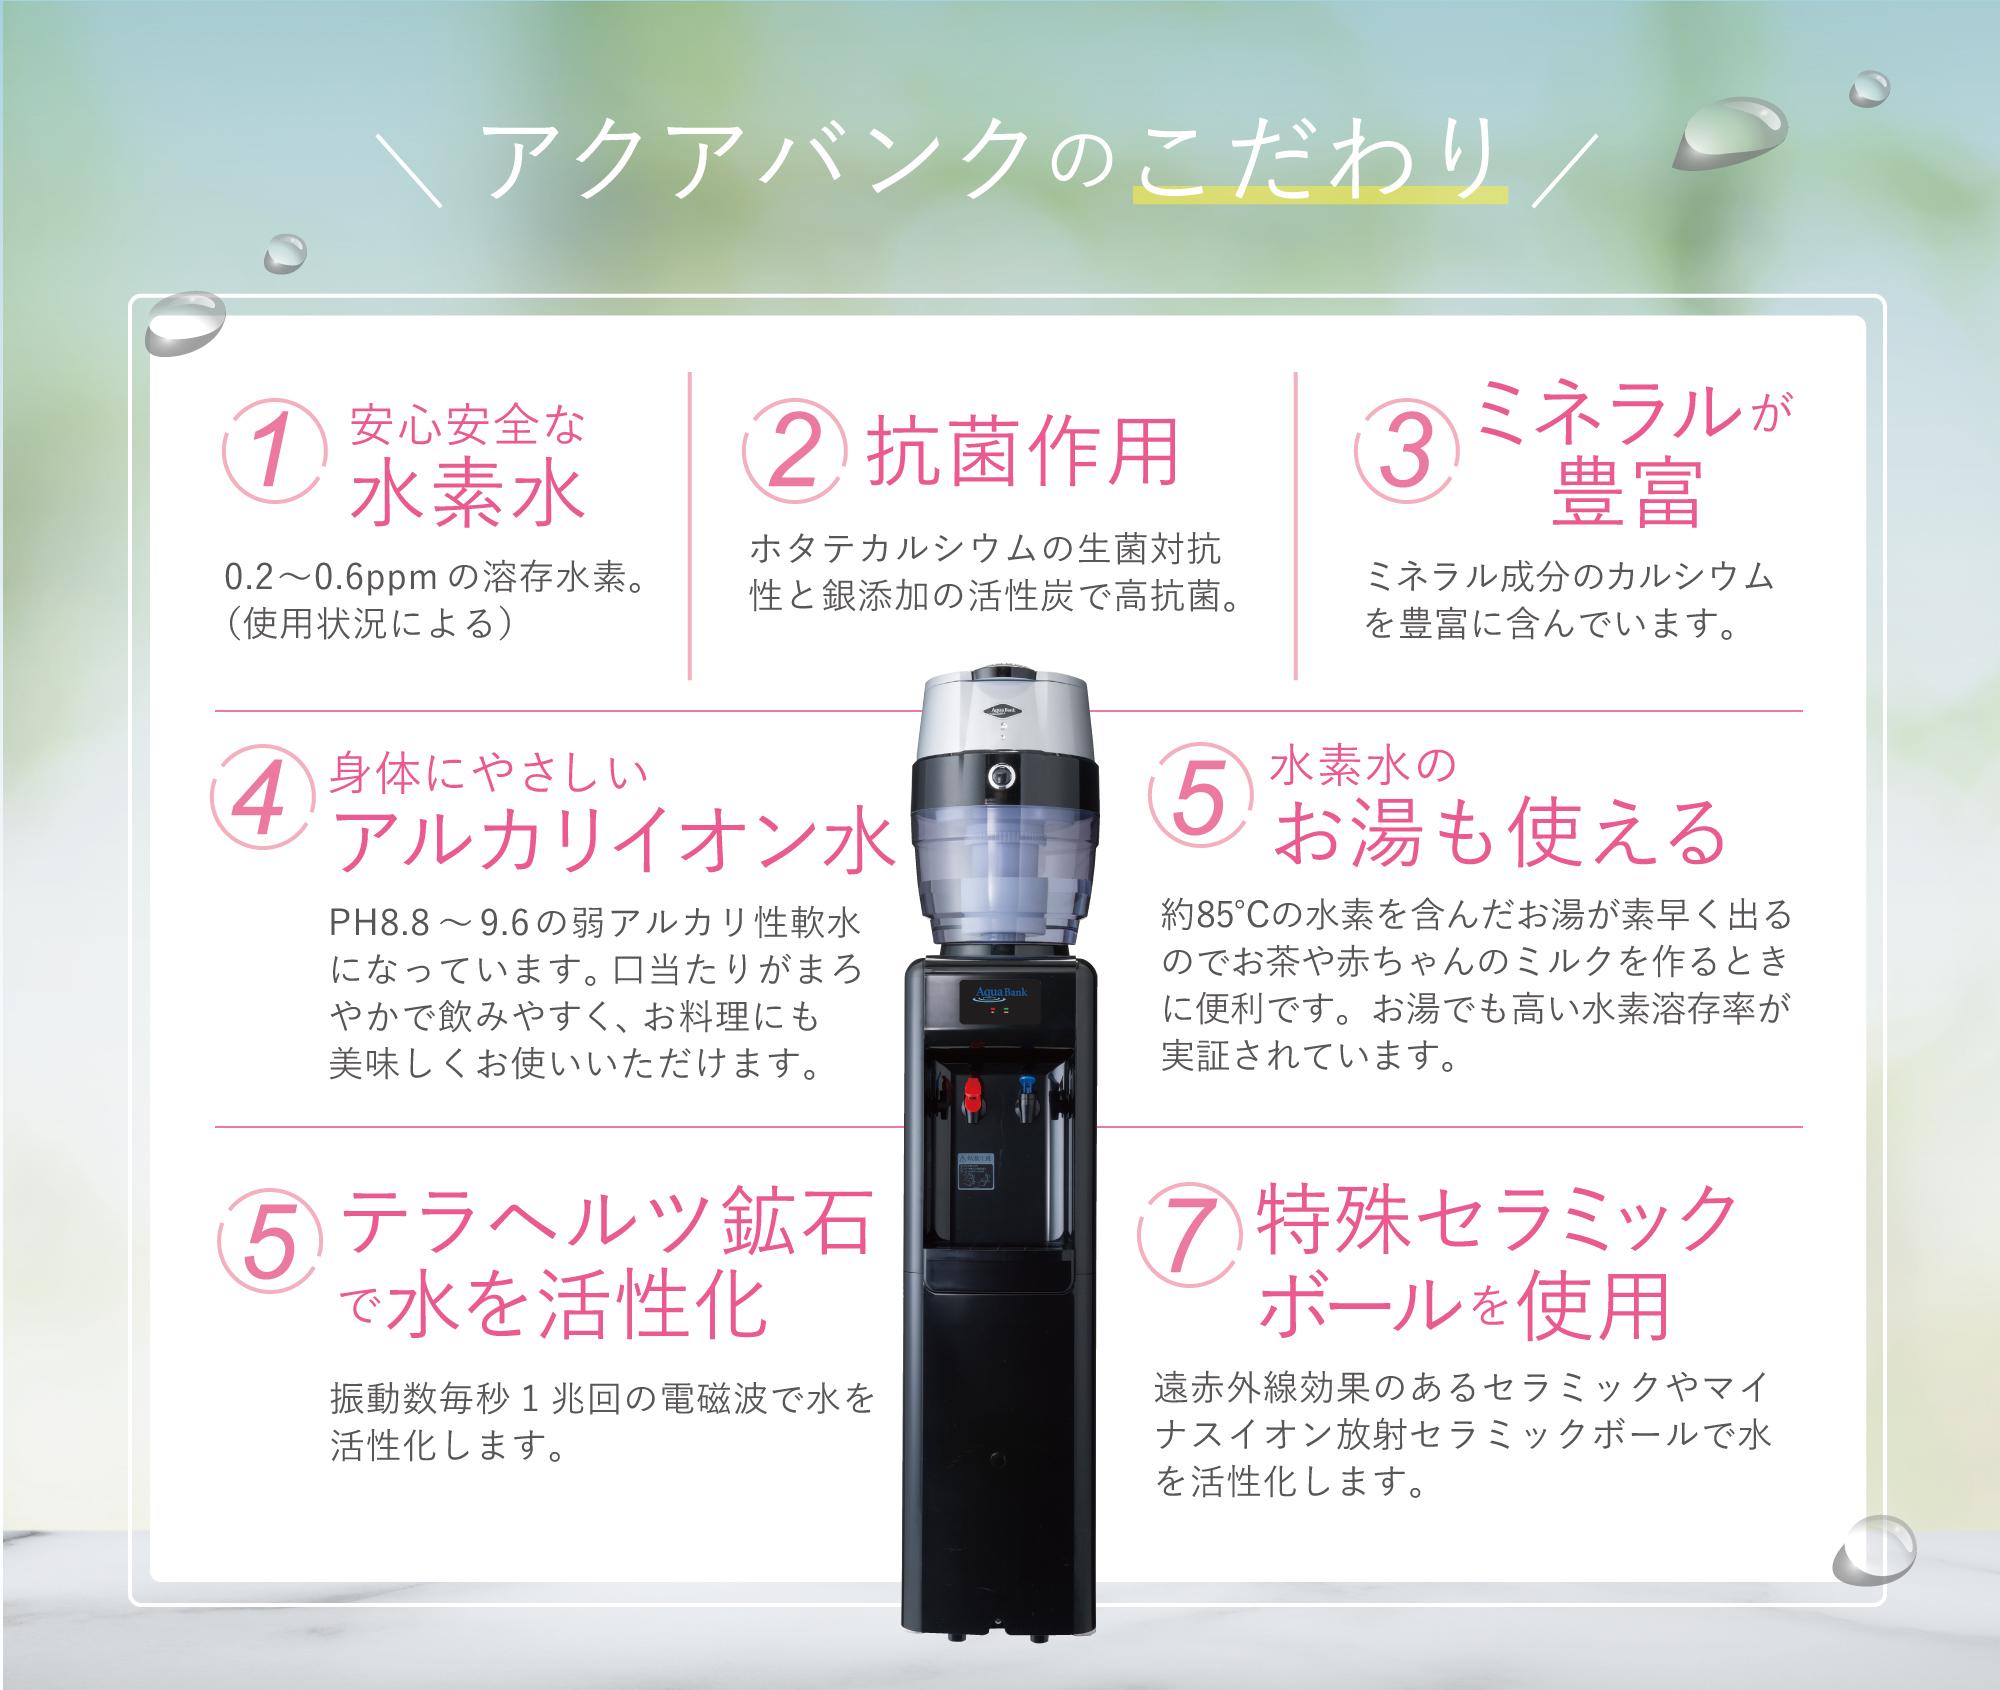 アクアバンク7つのこだわり|ミネラル豊富で安心安全な水素水|身体にやさしいアルカリイオン水など